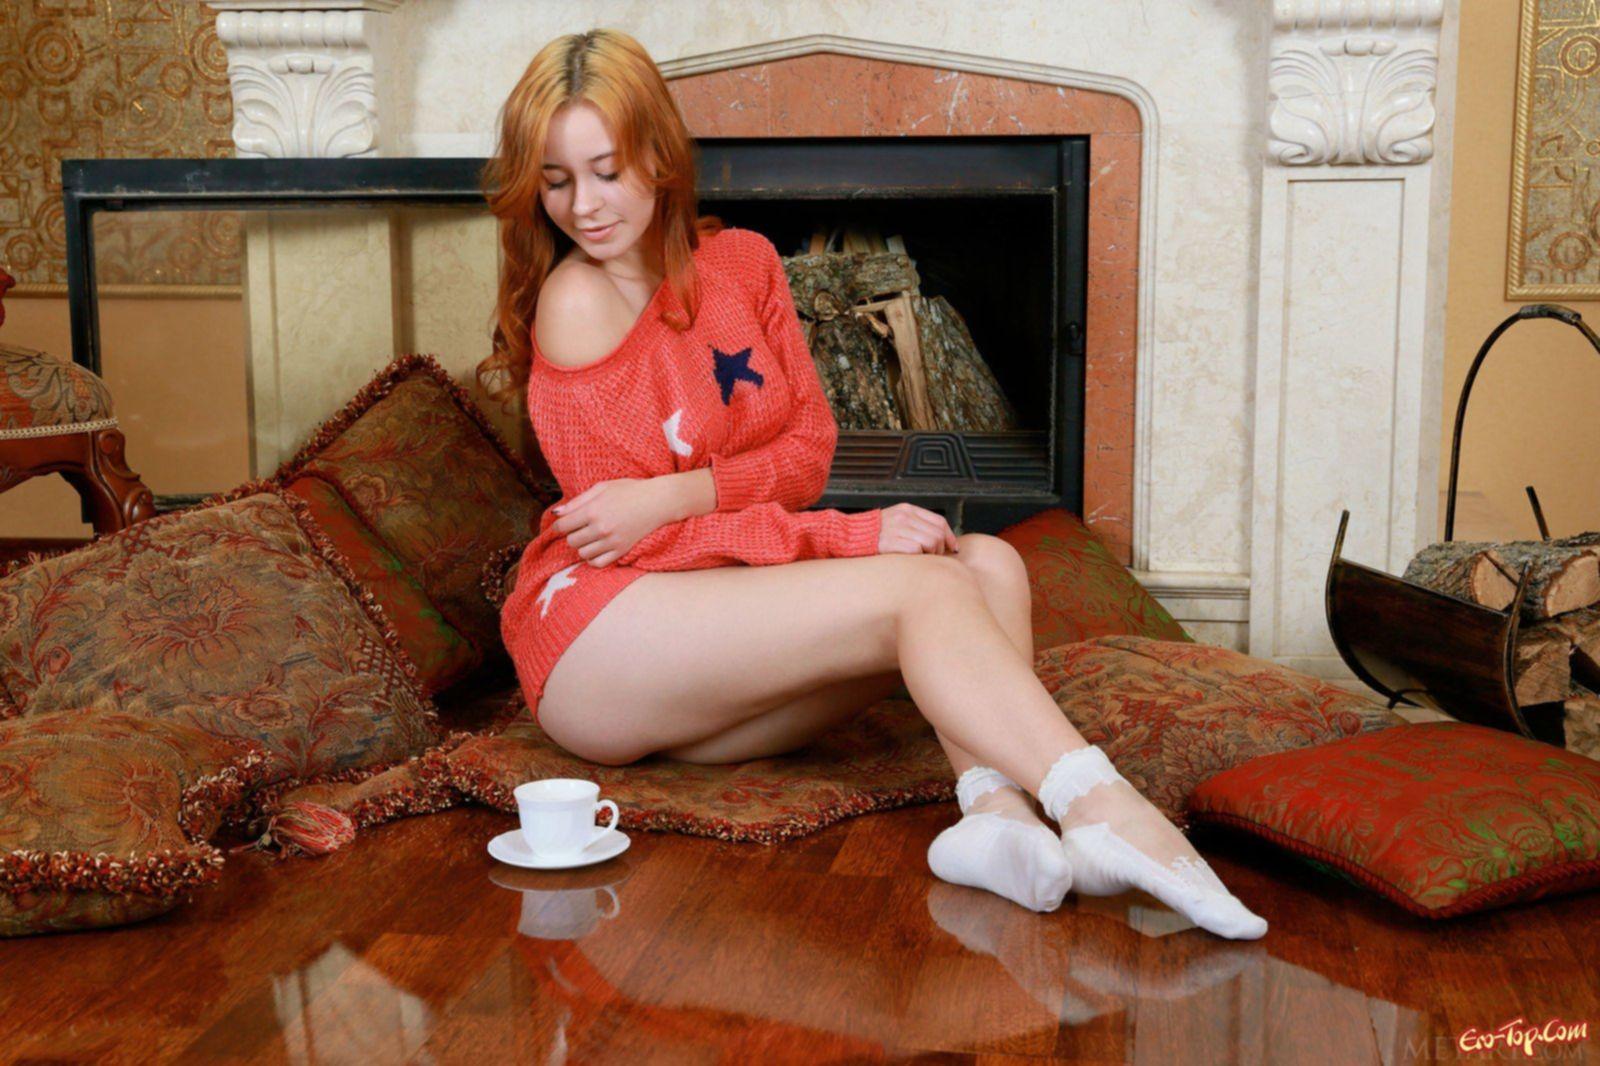 Рыжеволосая девушка с волосатой писькой и лобком - фото